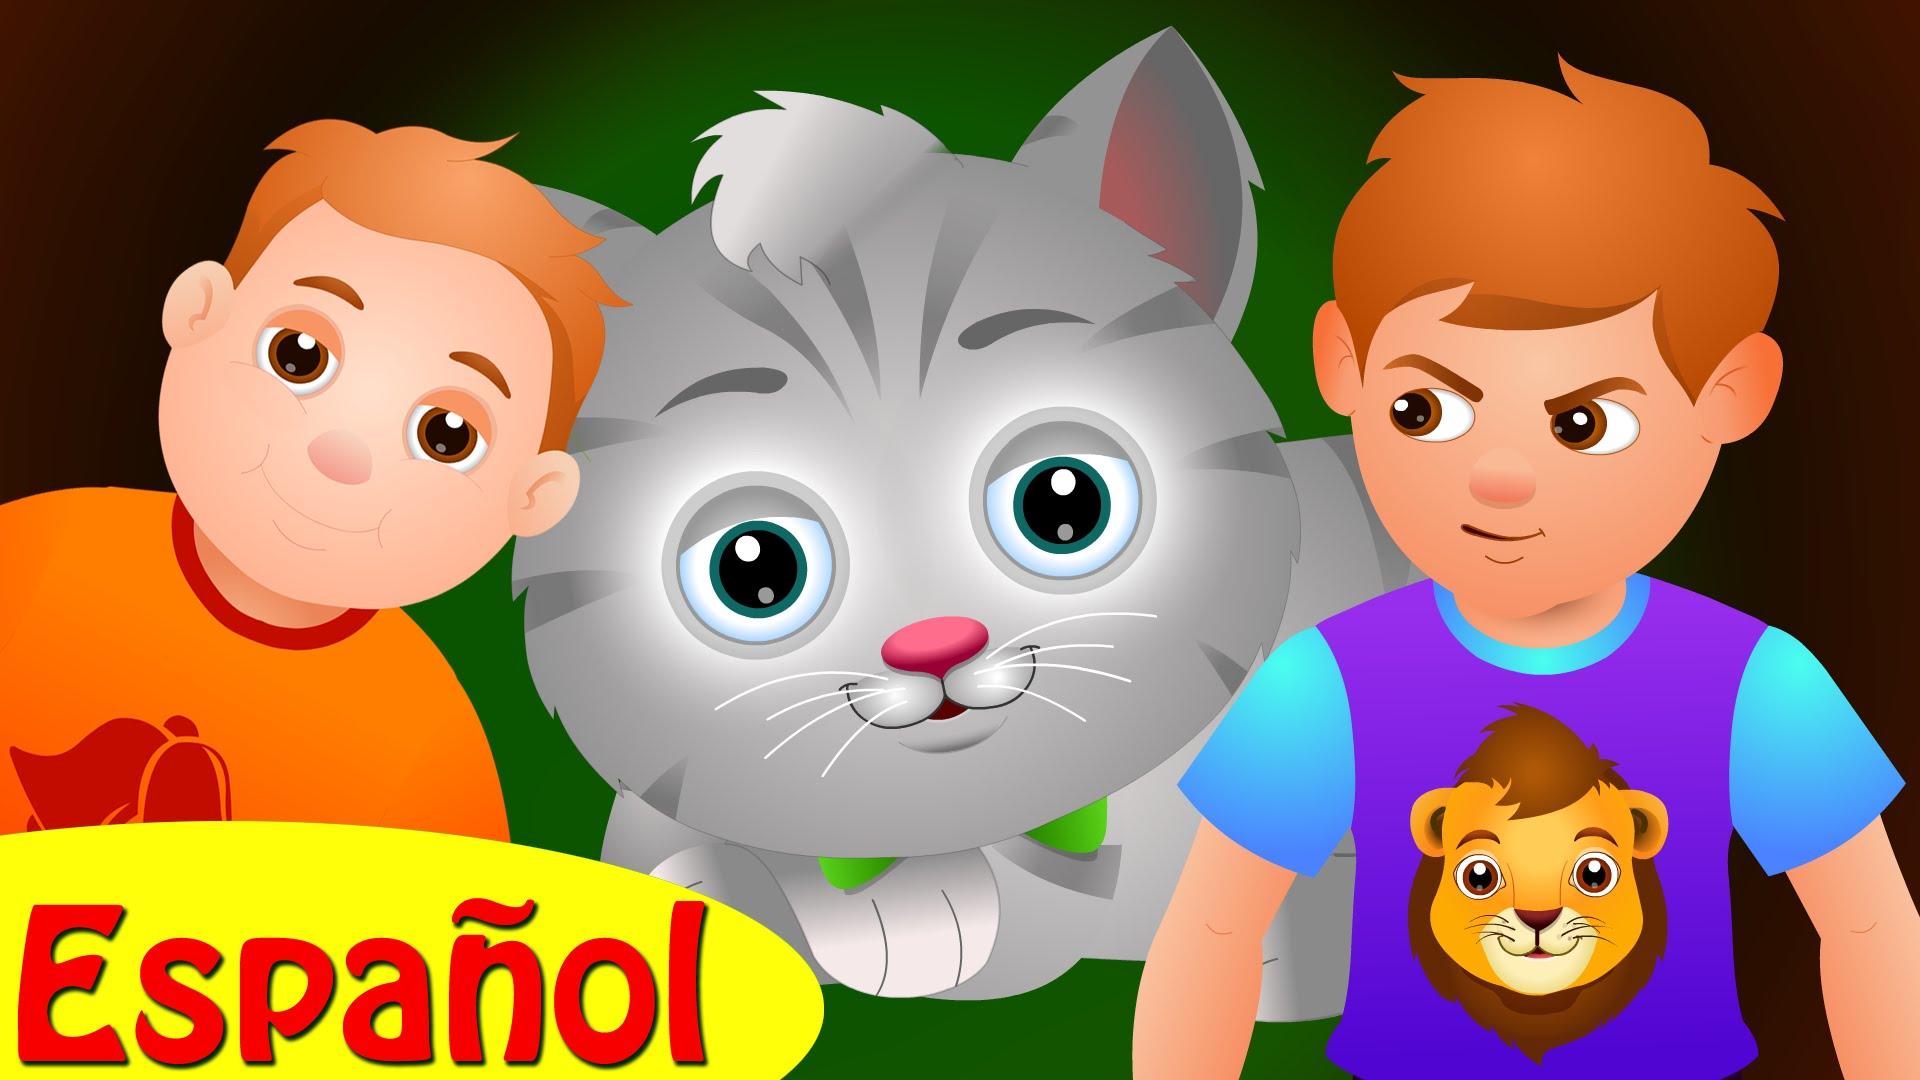 El Dingdong clipart, Download El Dingdong clipart for free ...